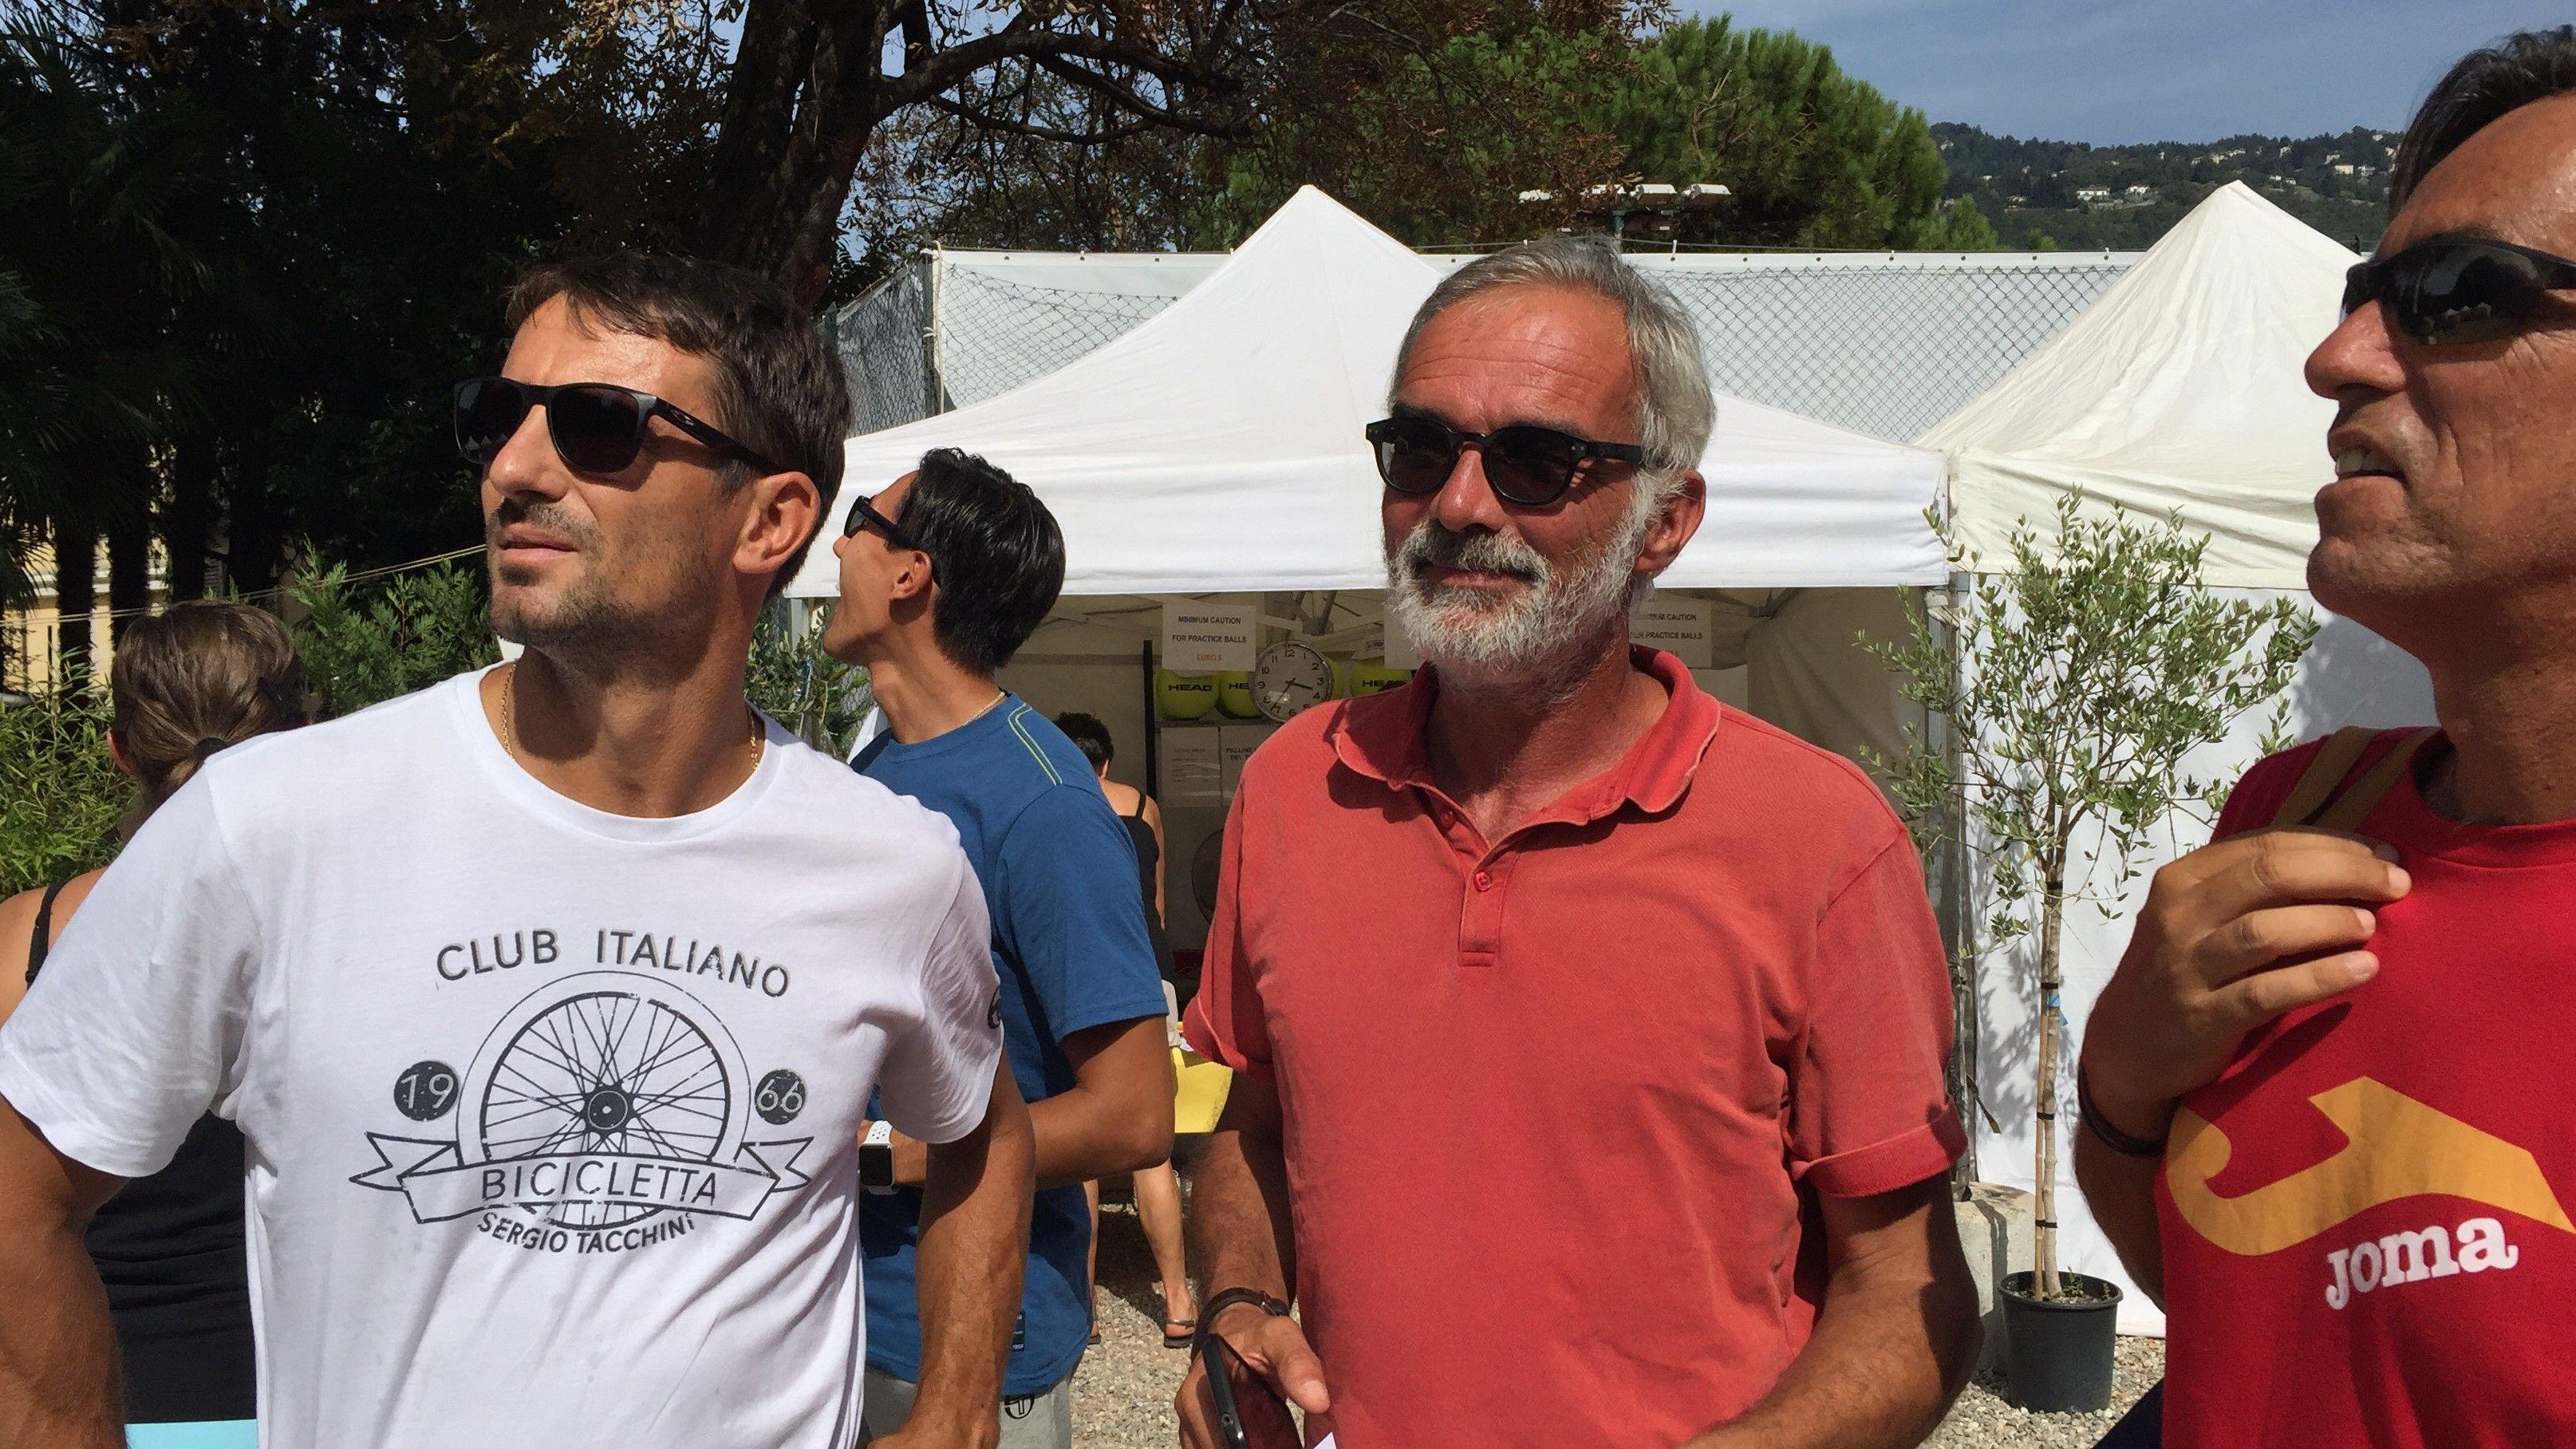 Da Como: Robredo e Janowicz a Villa Olmo. Domani parte il tabellone principale (con il programma di domani)